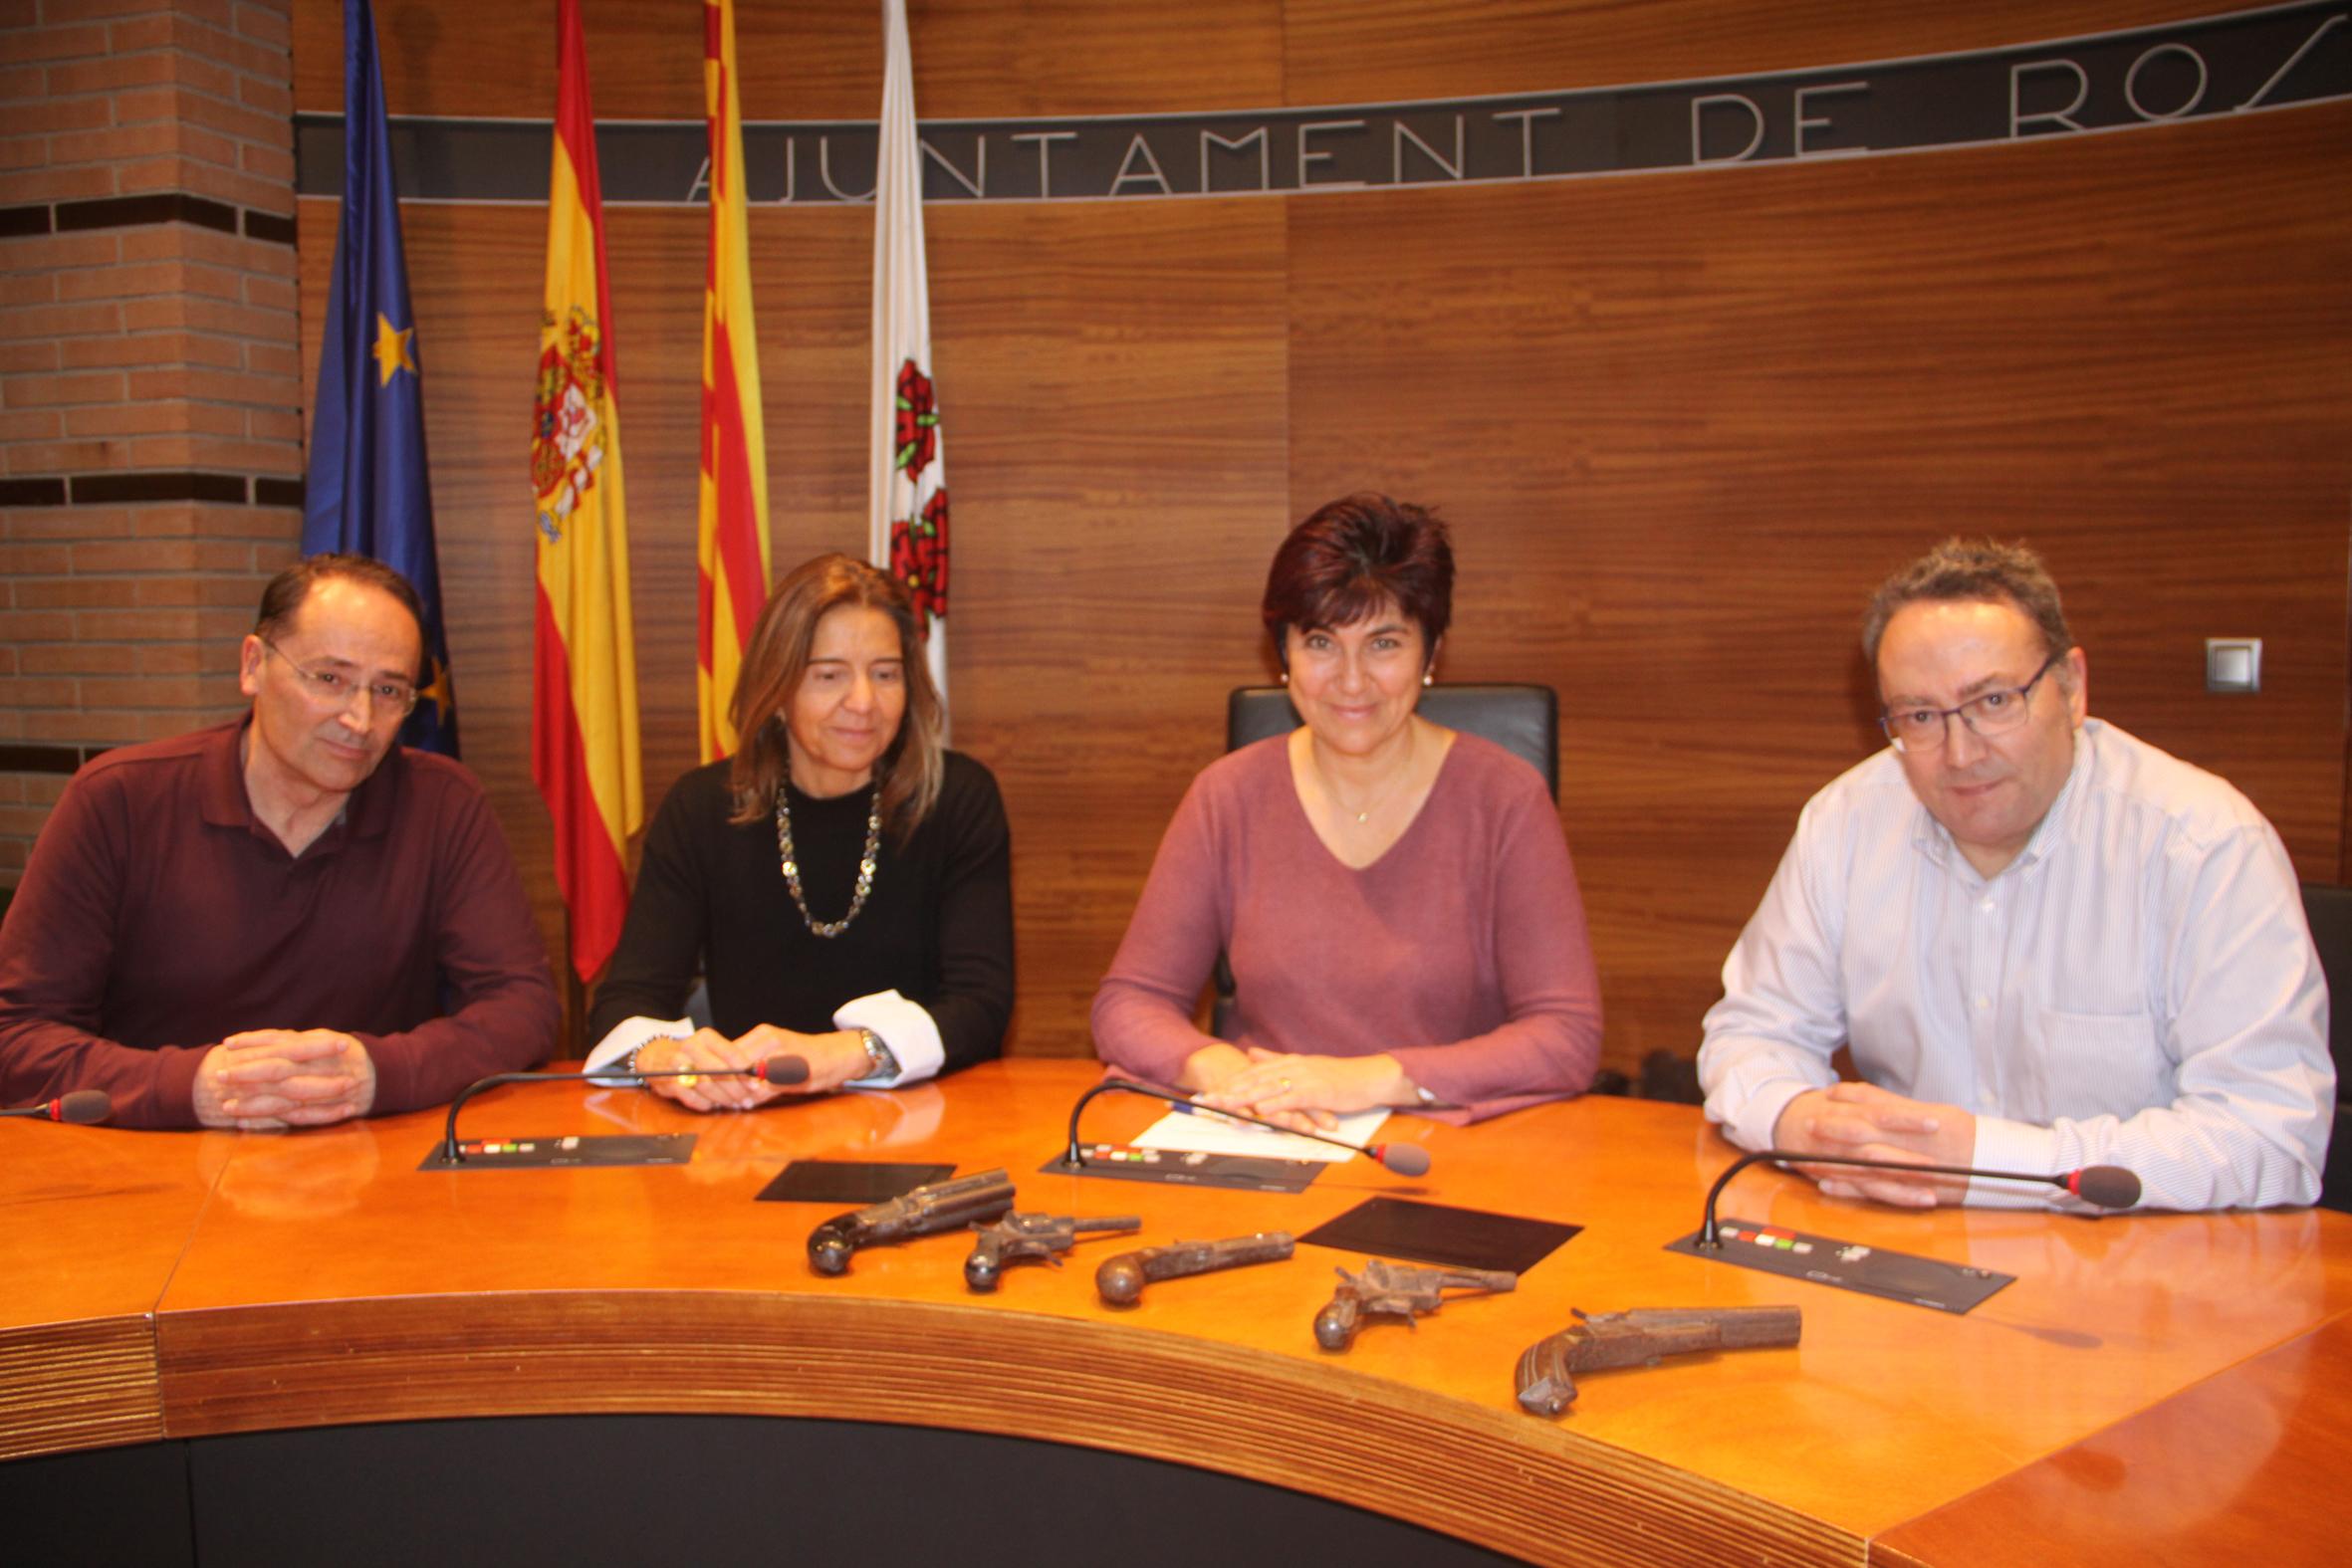 L'Ajuntament de Roses rep la donació de 5 pistoles del segle XIX